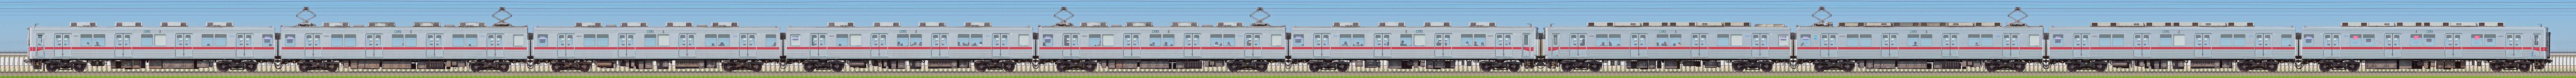 東武10030型11634編成(海側)の編成サイドビュー